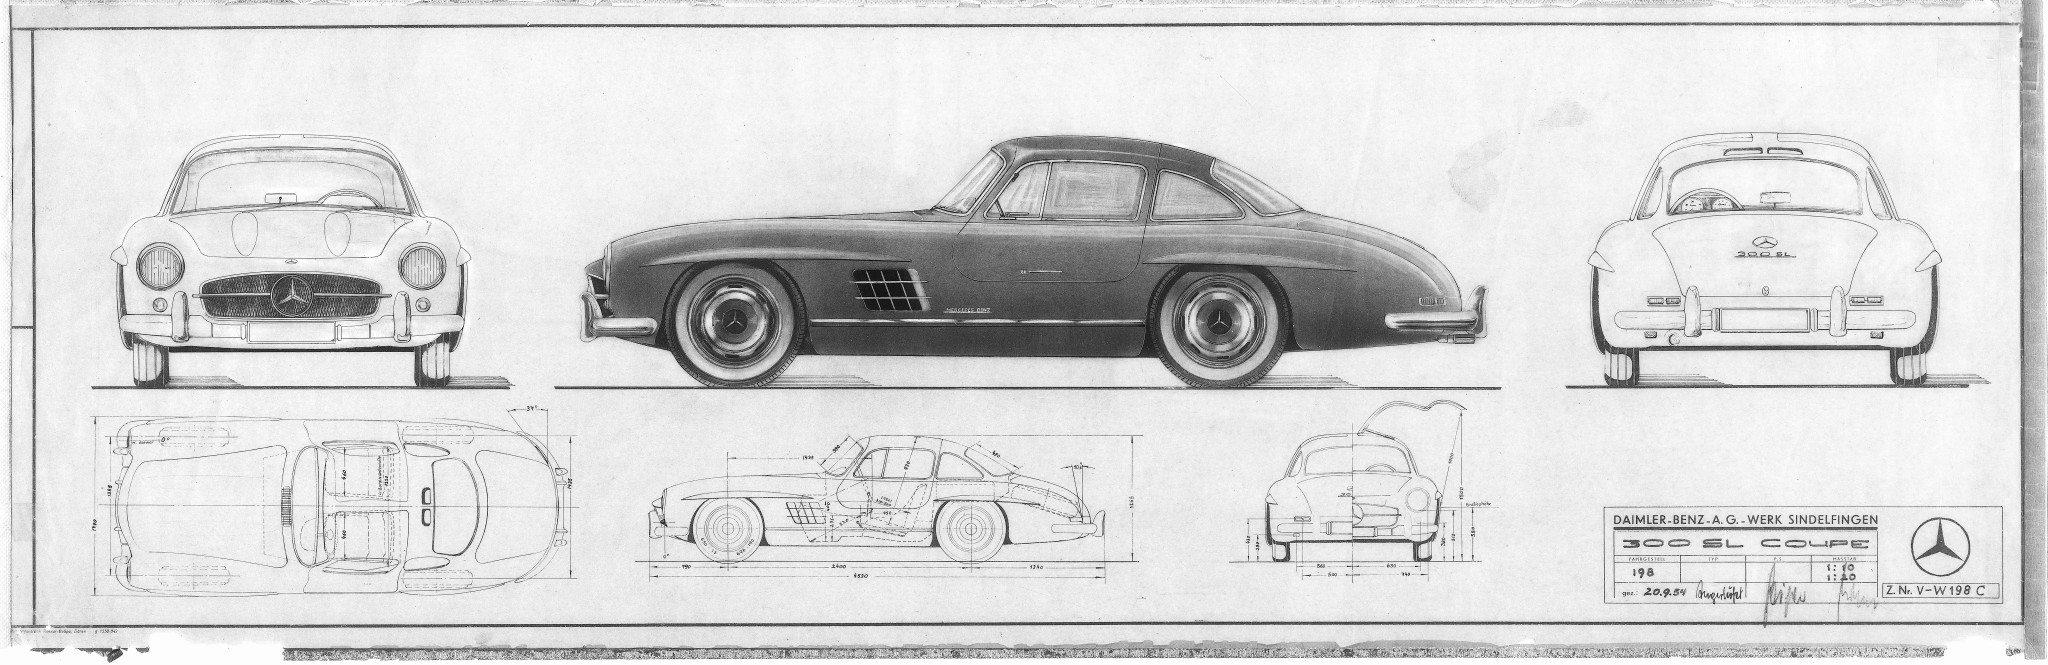 Mercedes-Benz 300SL Blueprints and Design Sketches